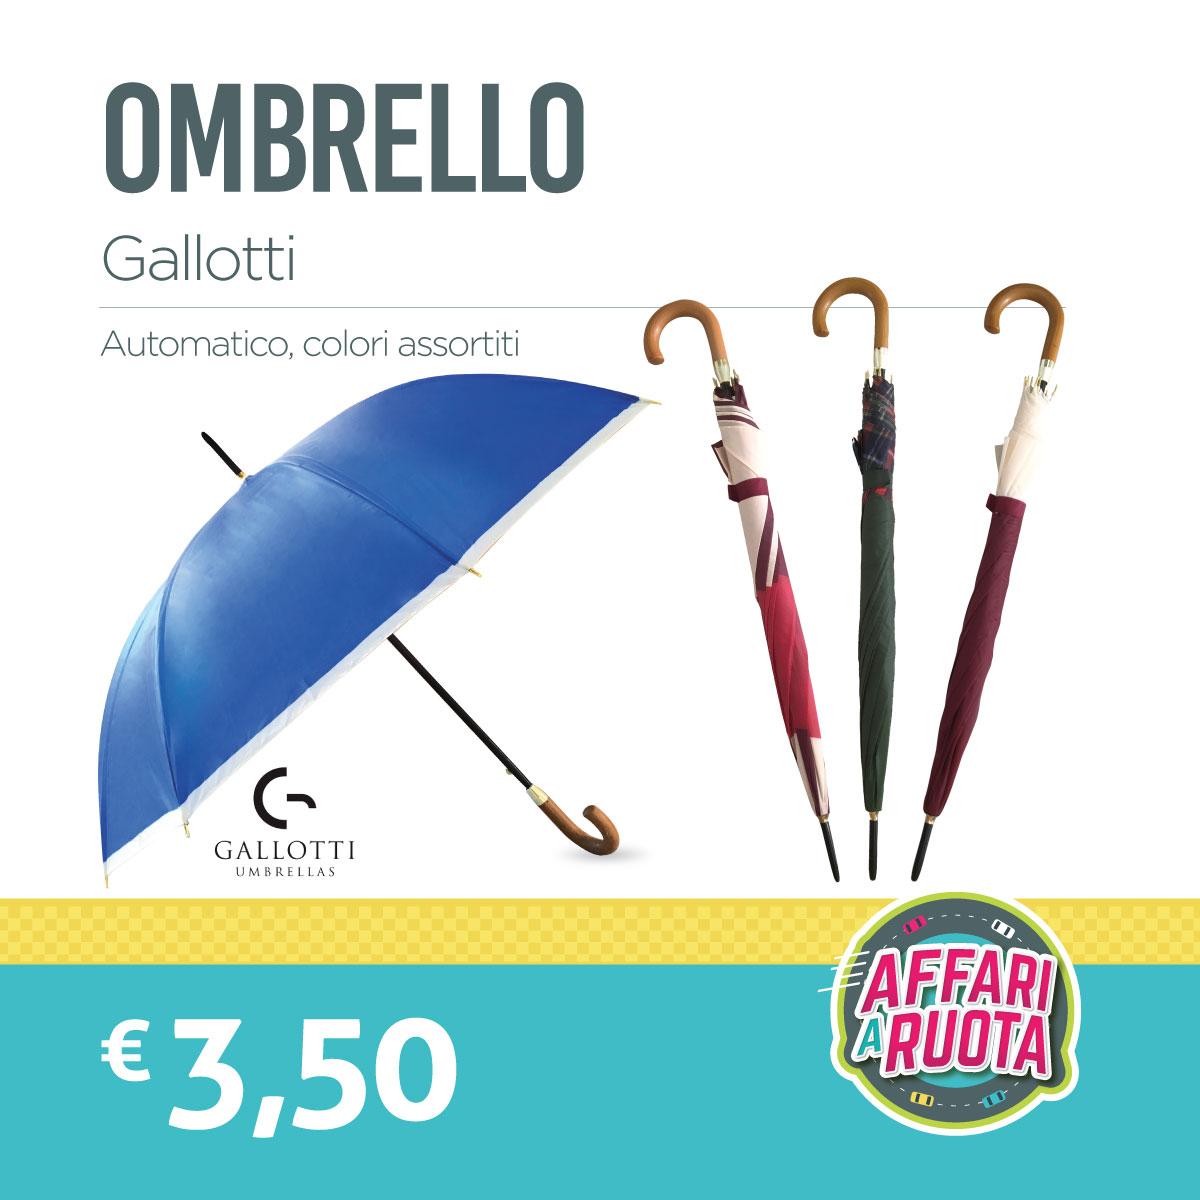 Ombrello Gallotti